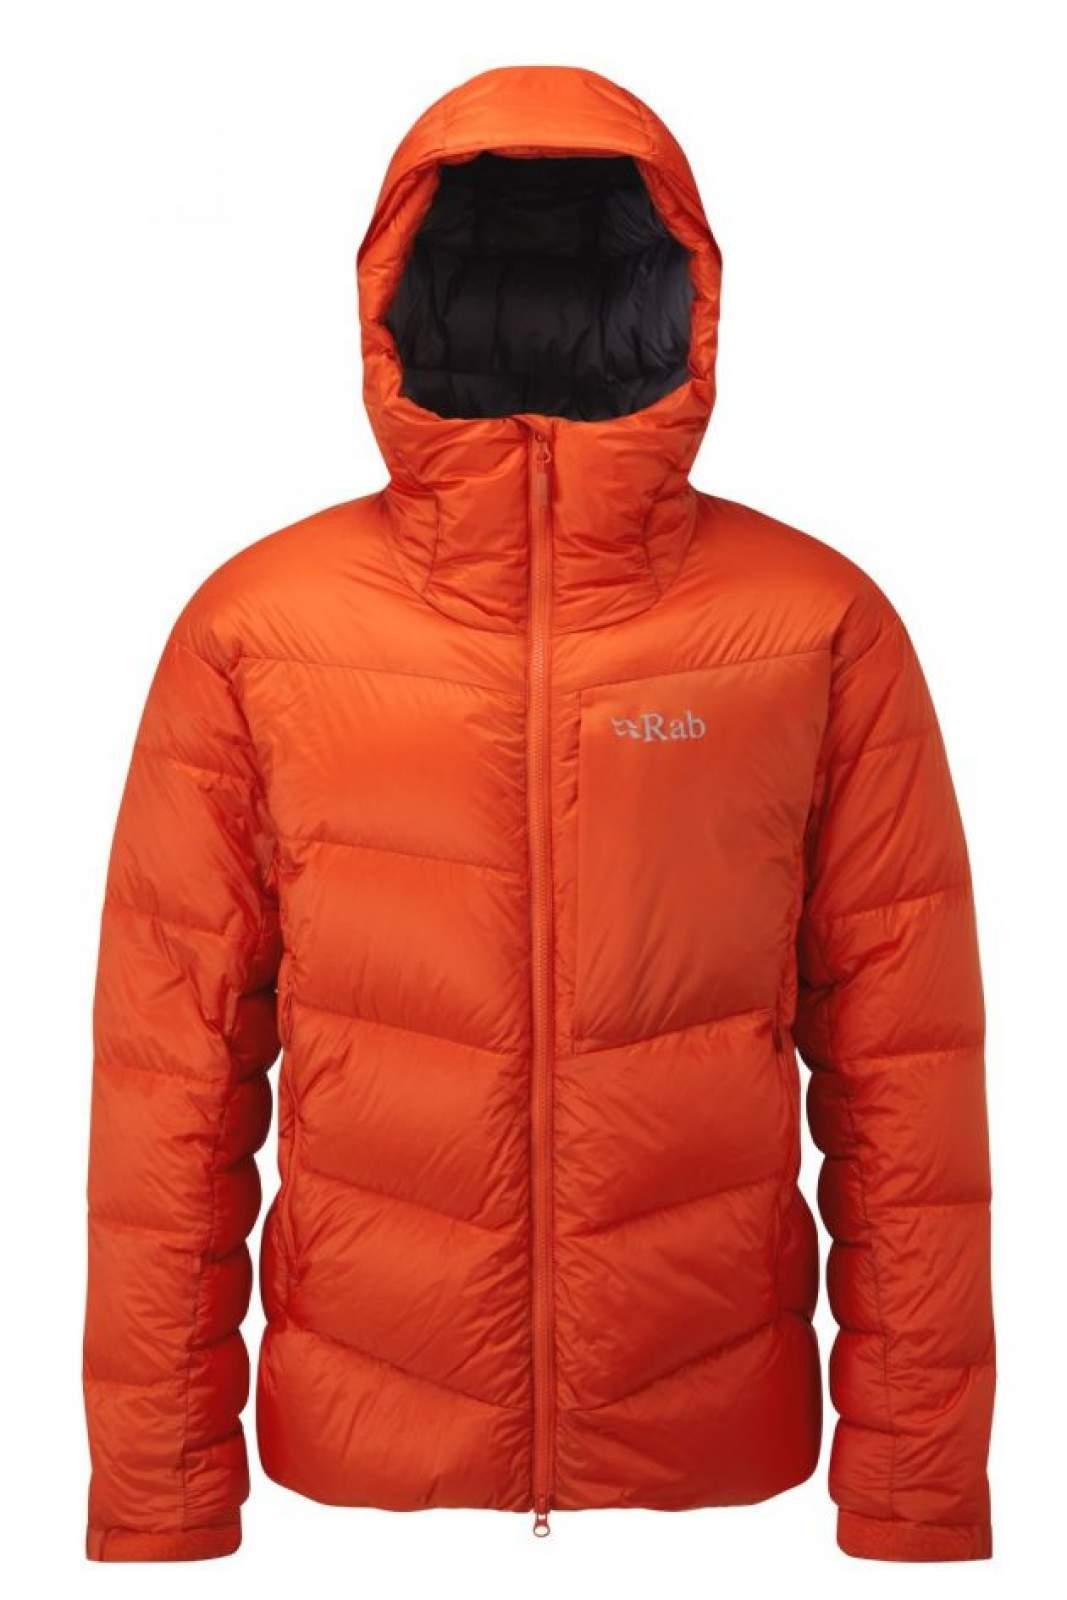 fdfd9f32 Rab Куртка Rab Positron Pro Jacket муж. пуховая – купить в магазине ...